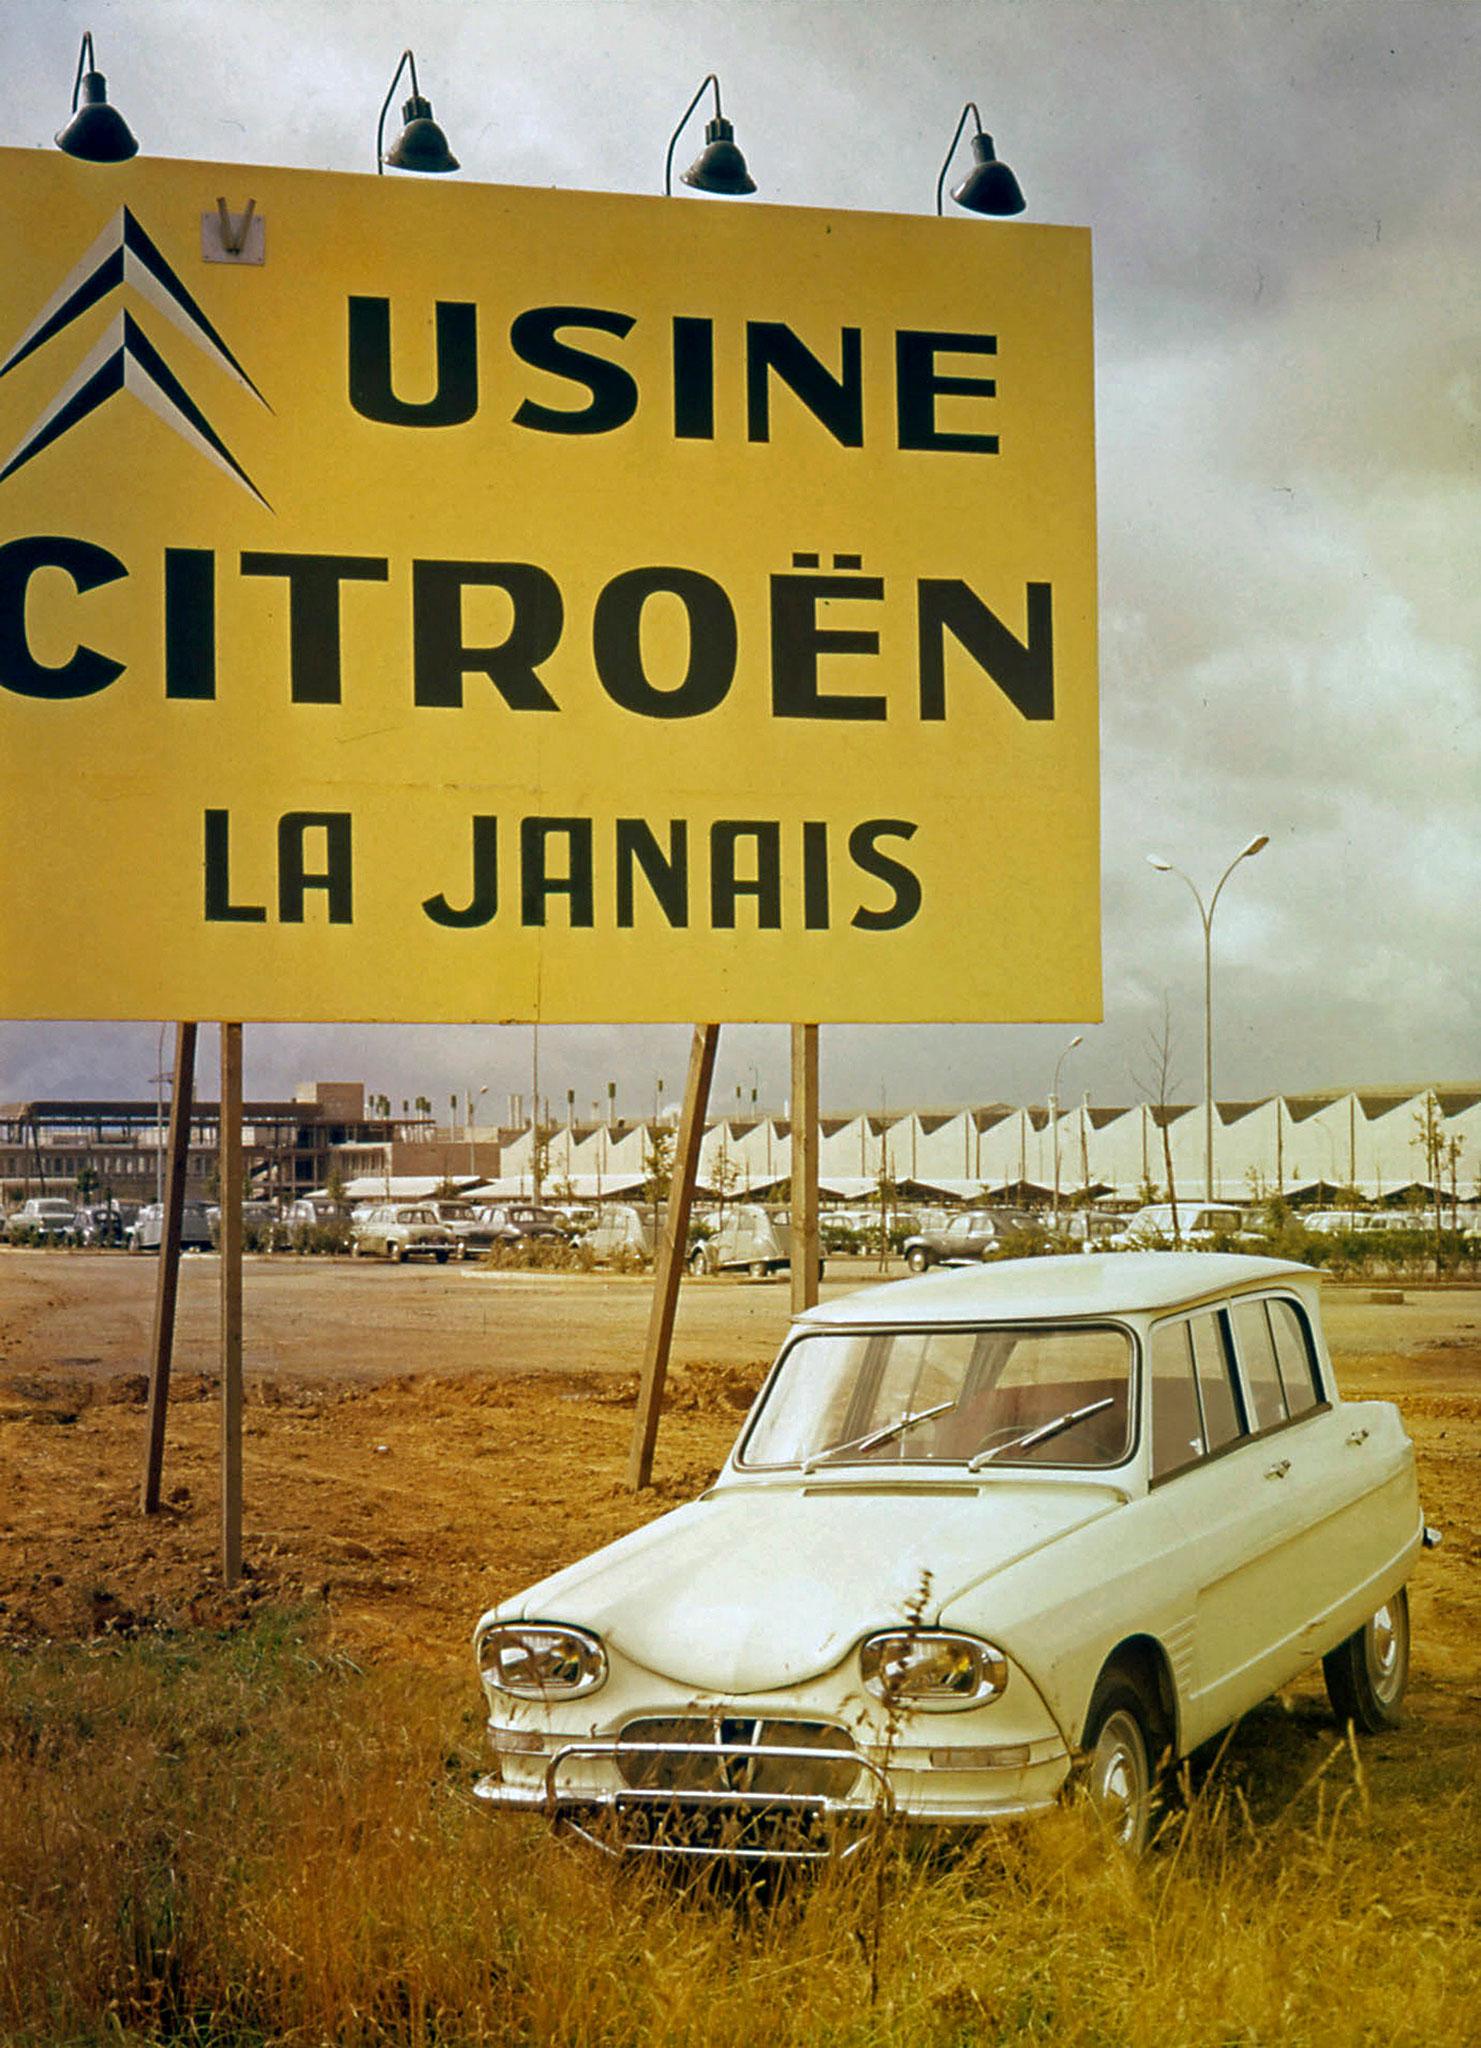 1961 Citroën AMI 6 Usine Rennes La Janais vue extérieure.